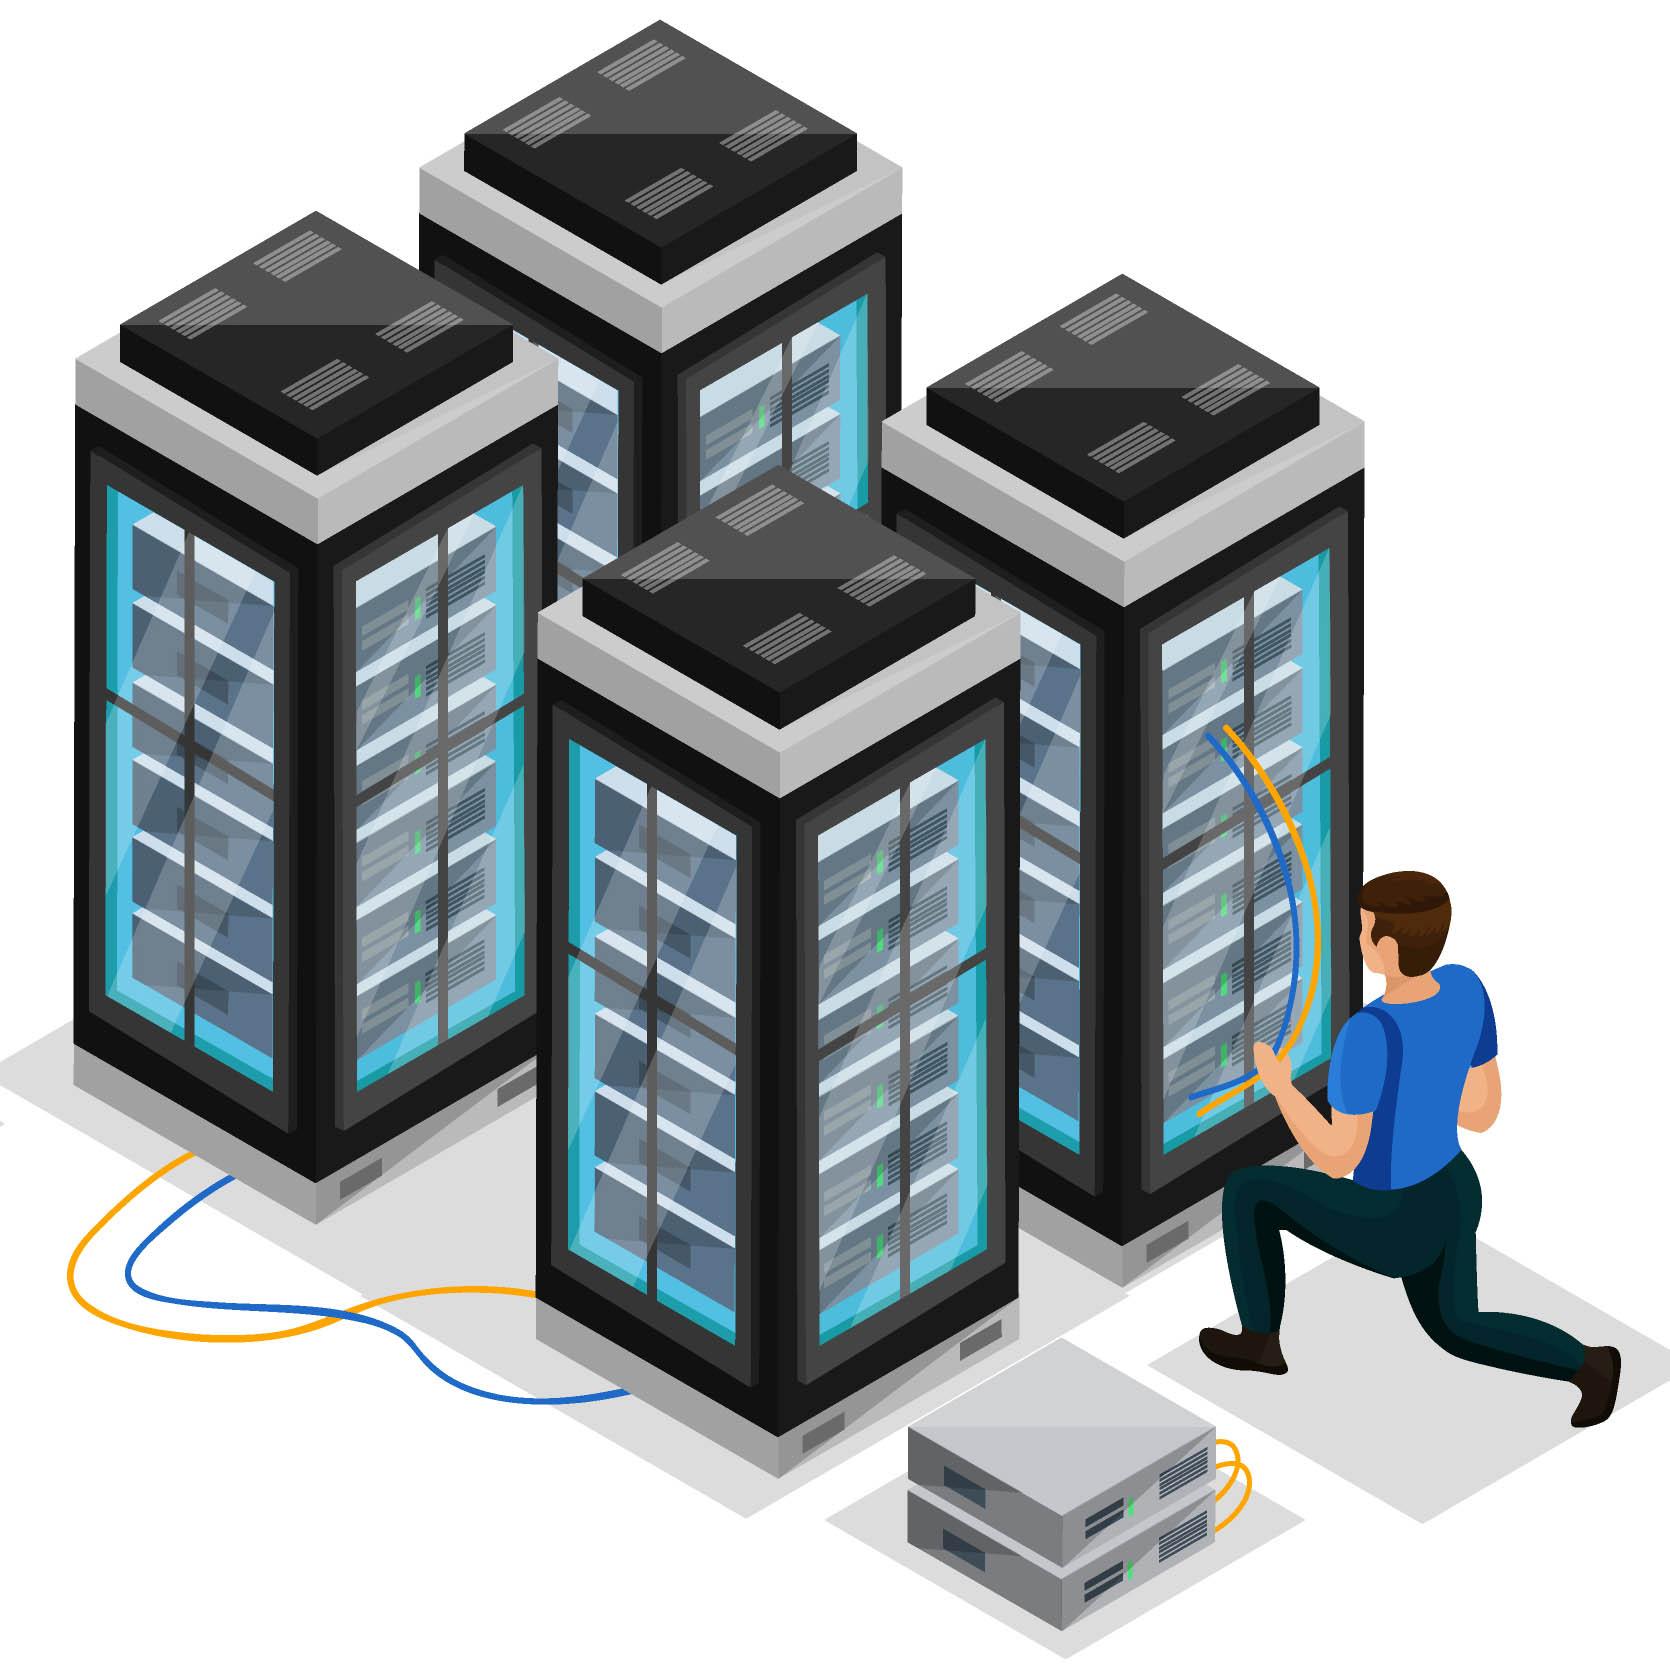 پشتیبانی از شبکه و سرور